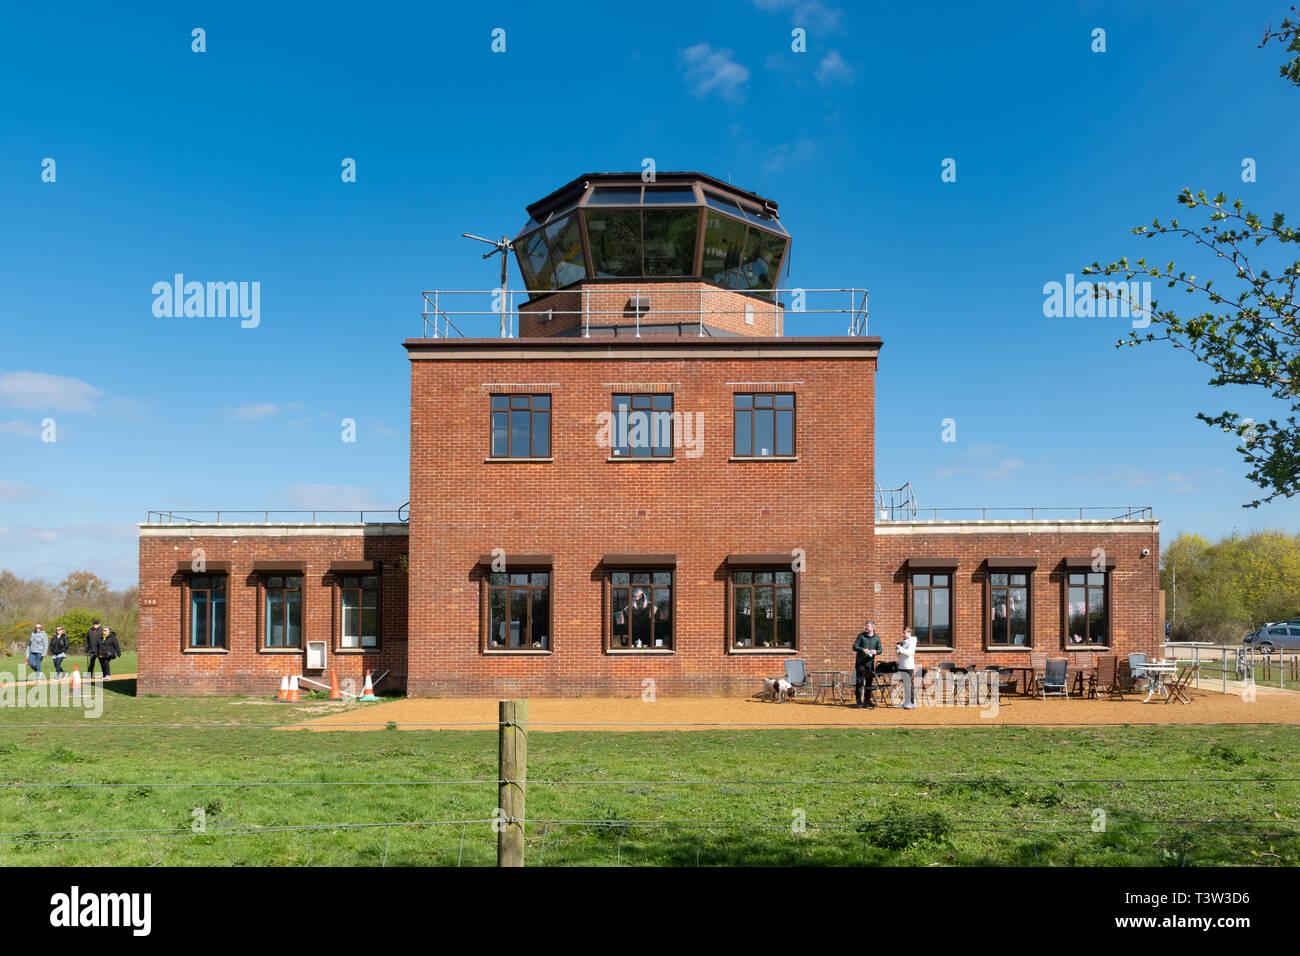 La torre de control en el Greenham Common cerca de Newbury, Berkshire, Reino Unido, recientemente abierto al público. Imagen De Stock